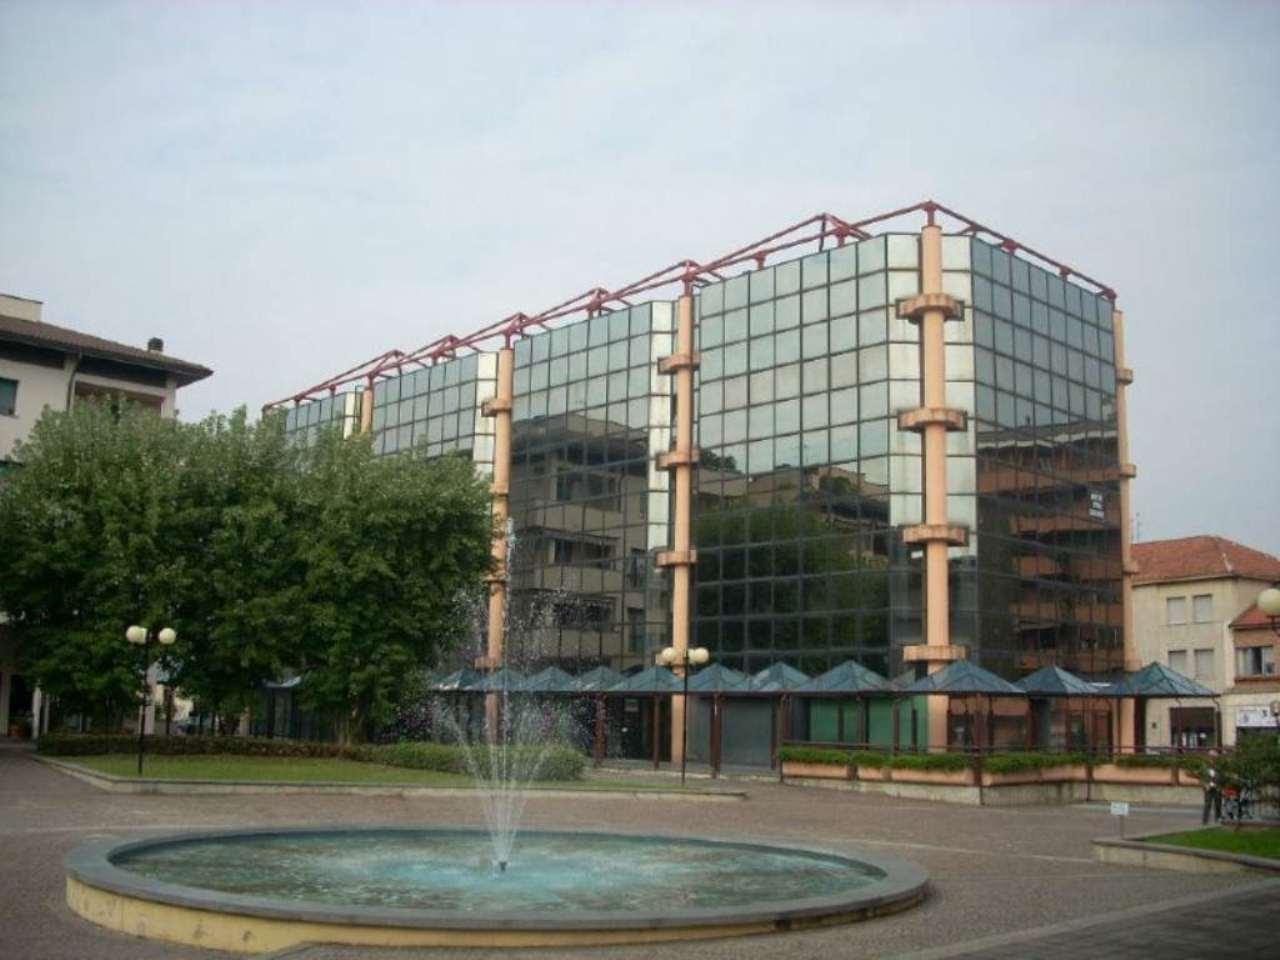 Ufficio / Studio in affitto a Lissone, 6 locali, prezzo € 1.200   Cambio Casa.it